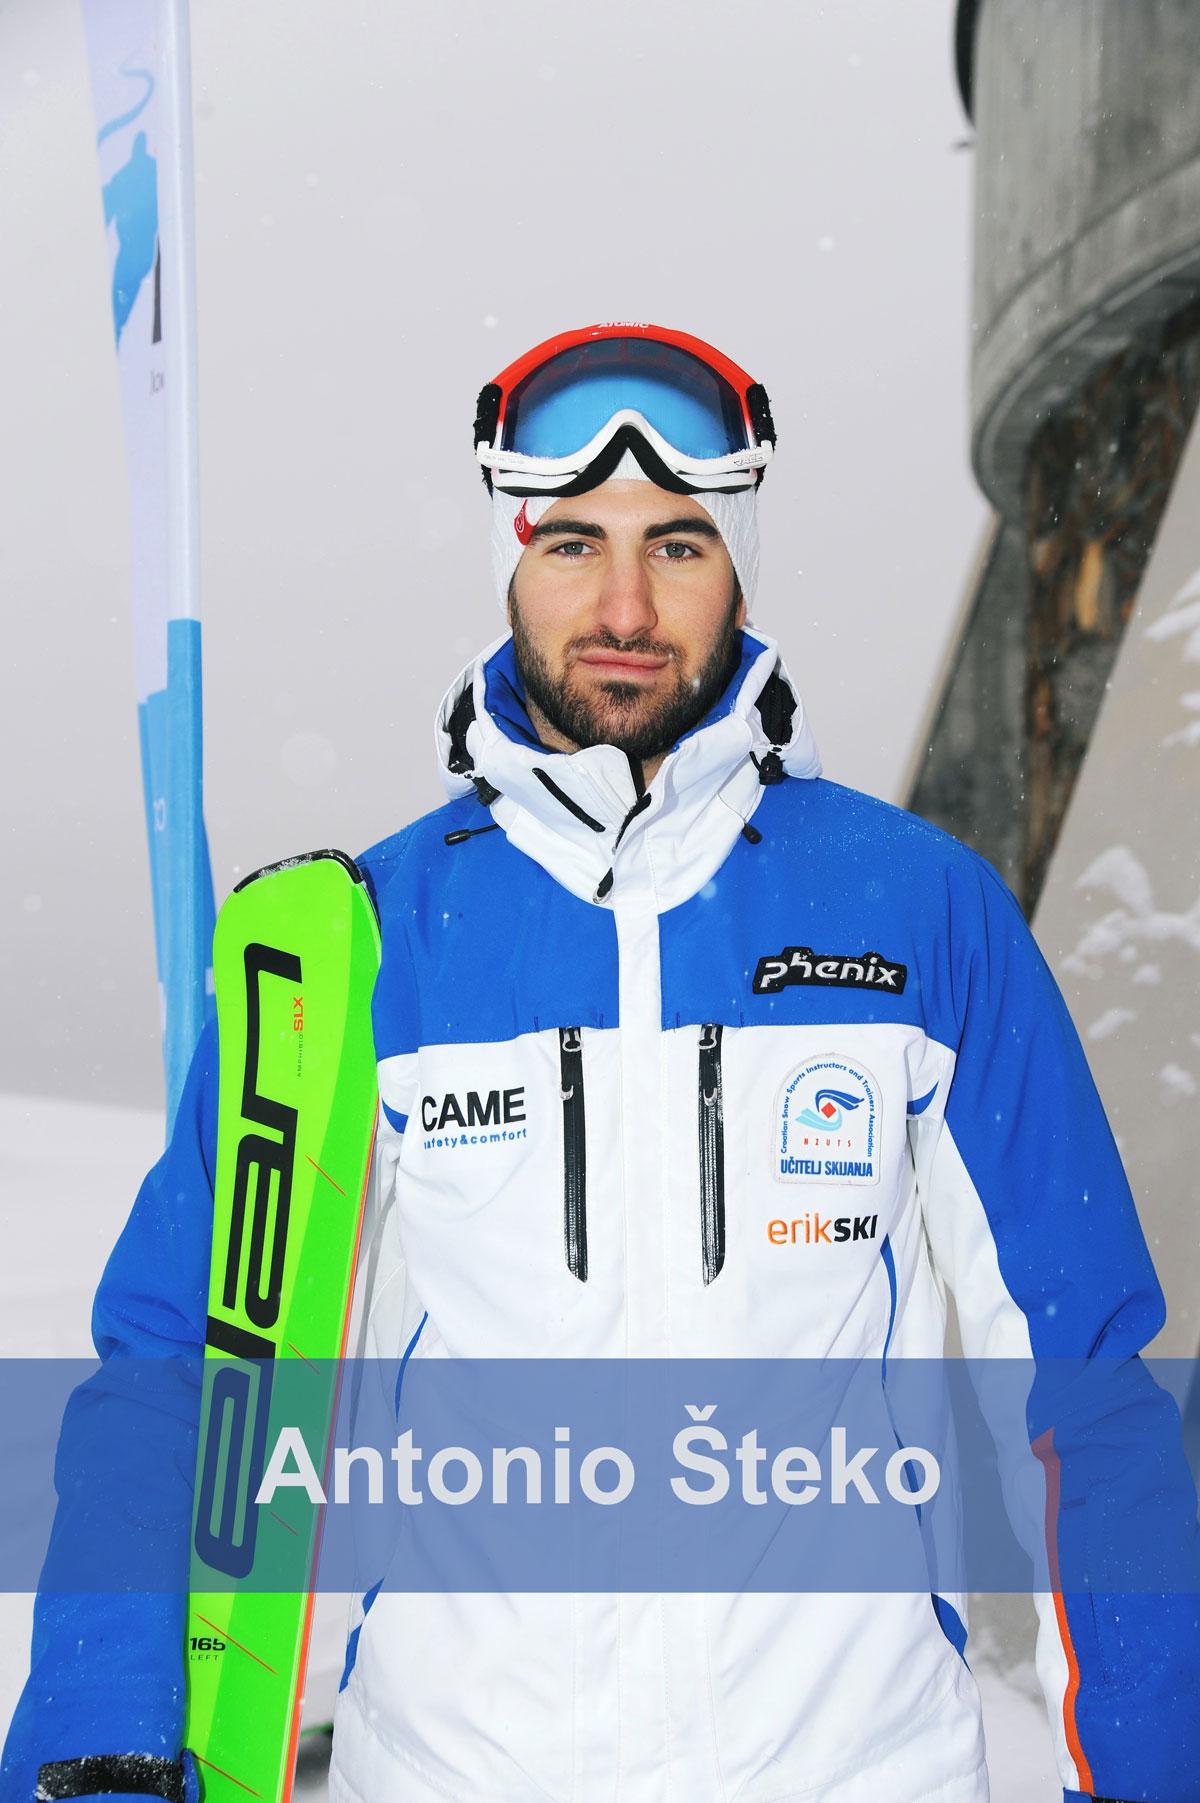 Antonio Šteko